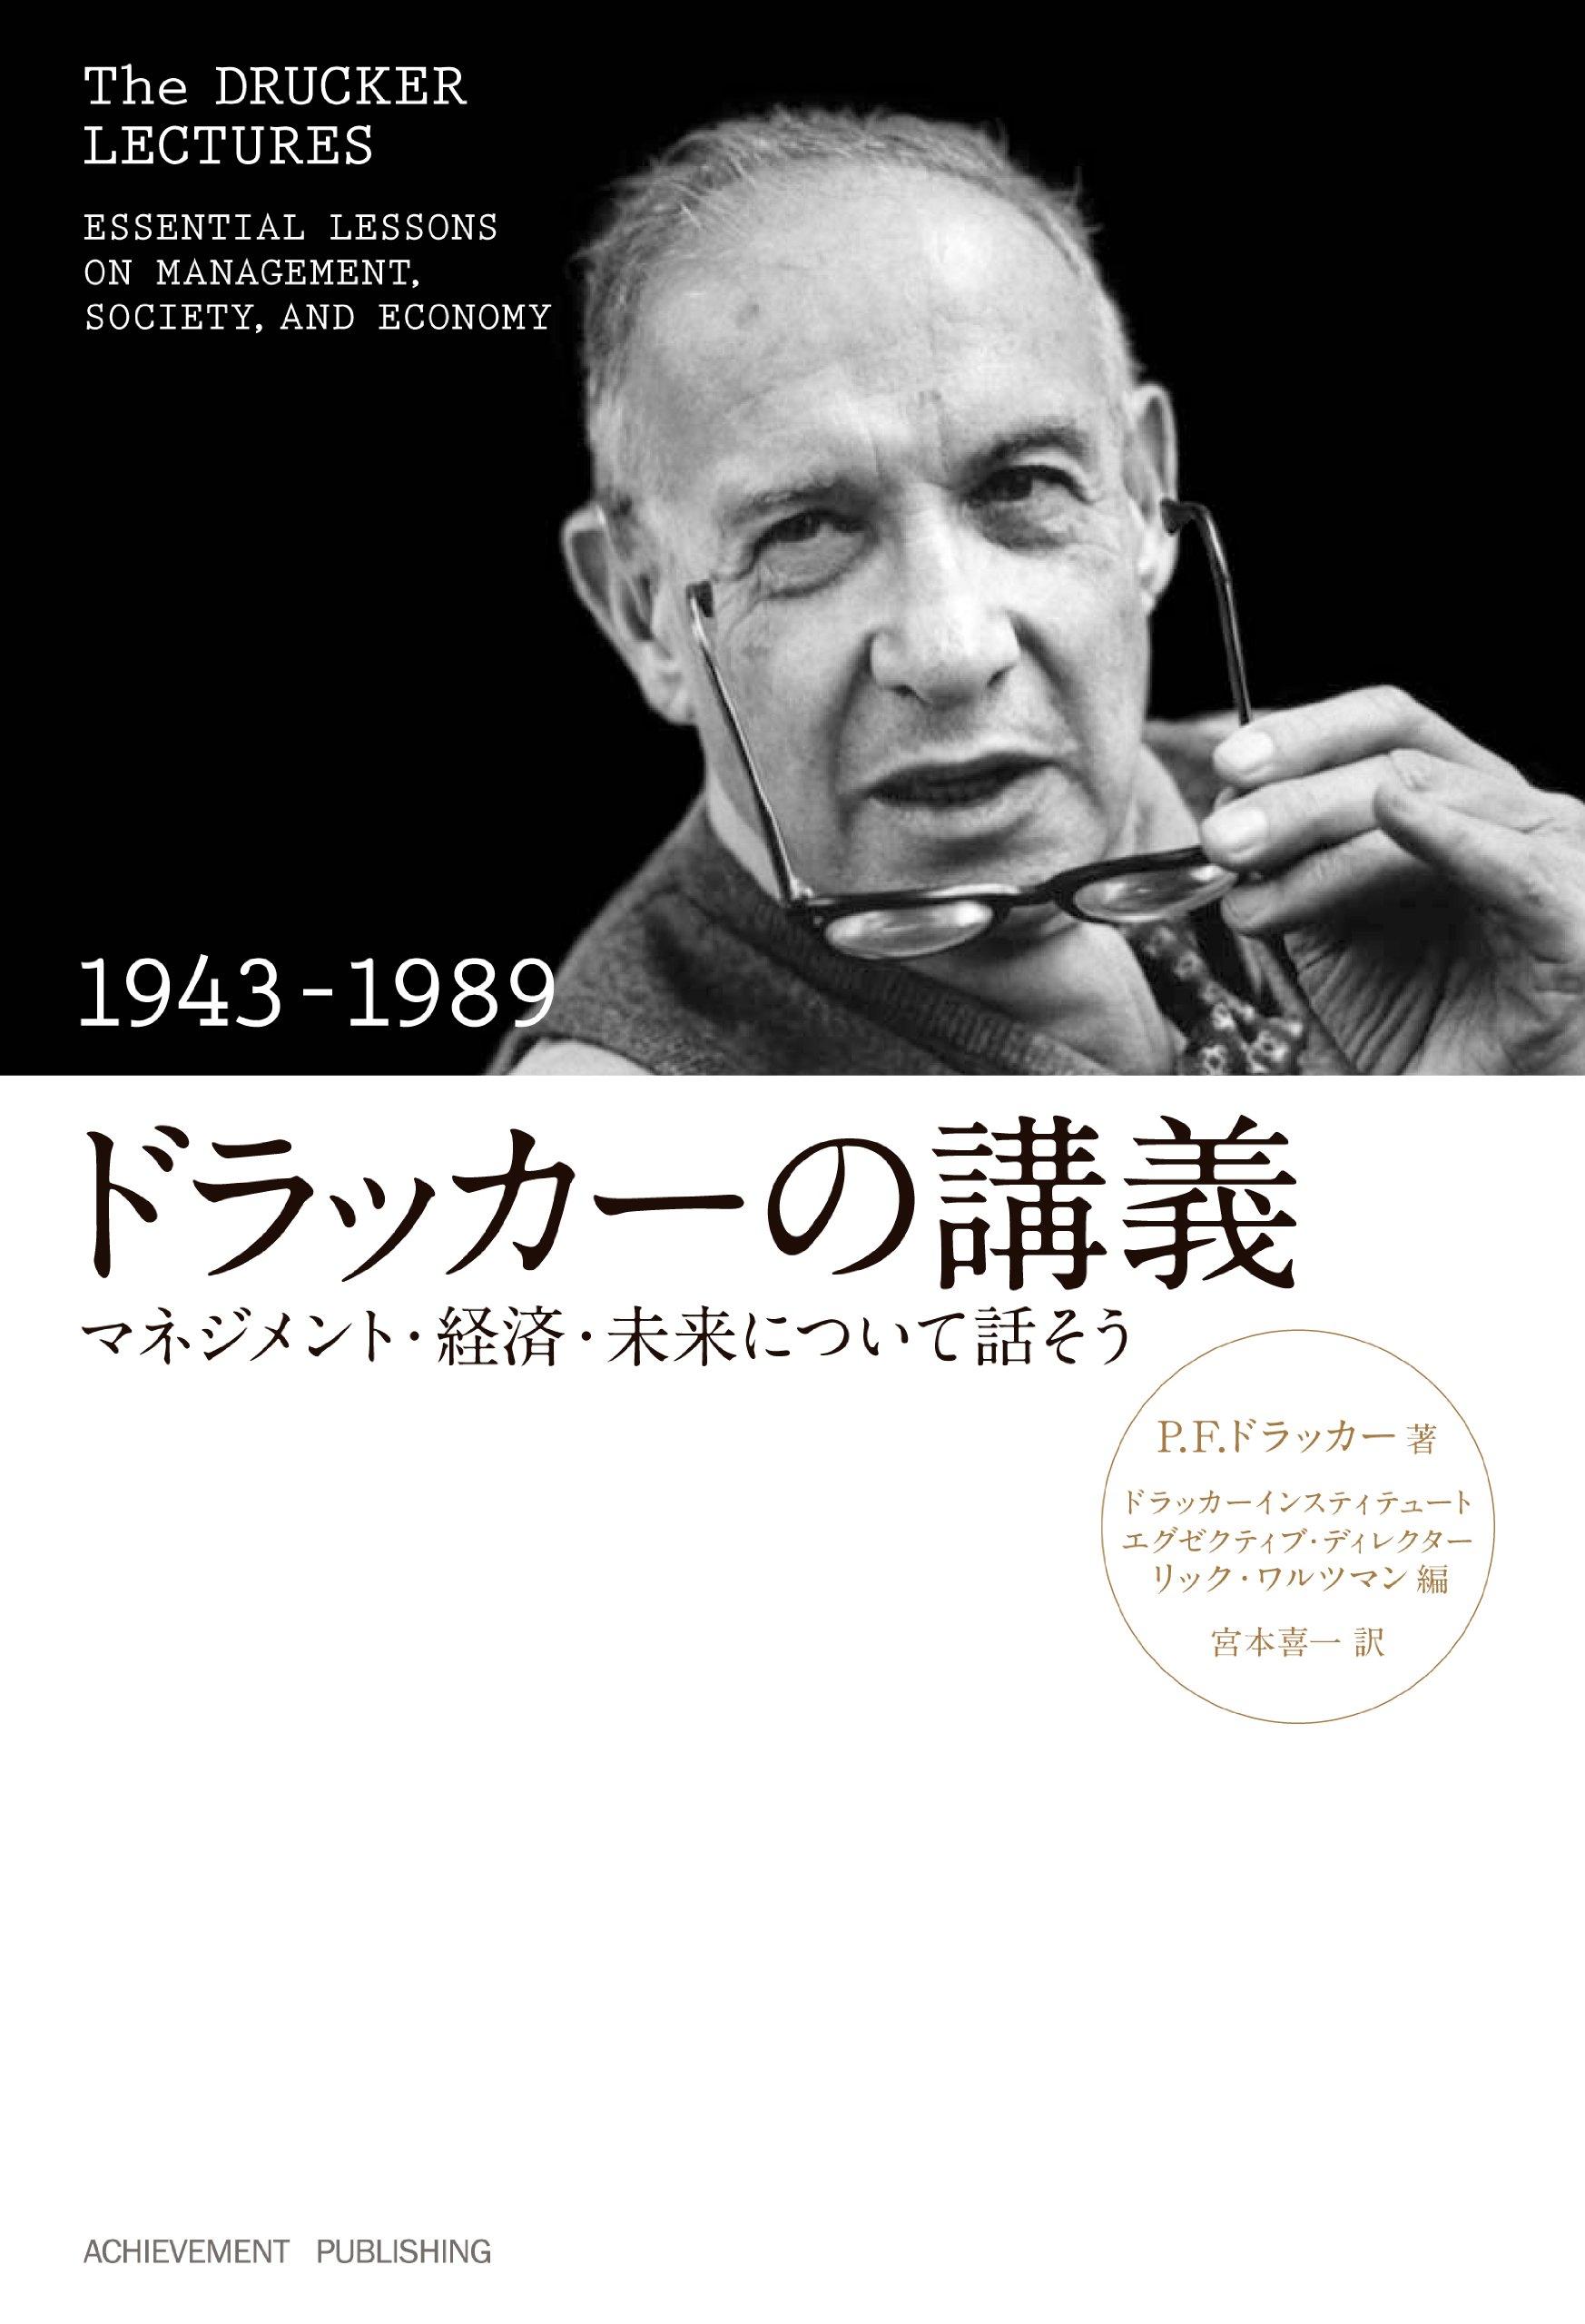 ドラッカーの講義(1943-1989) ~マネジメント・経済・未来について話そう~の画像1